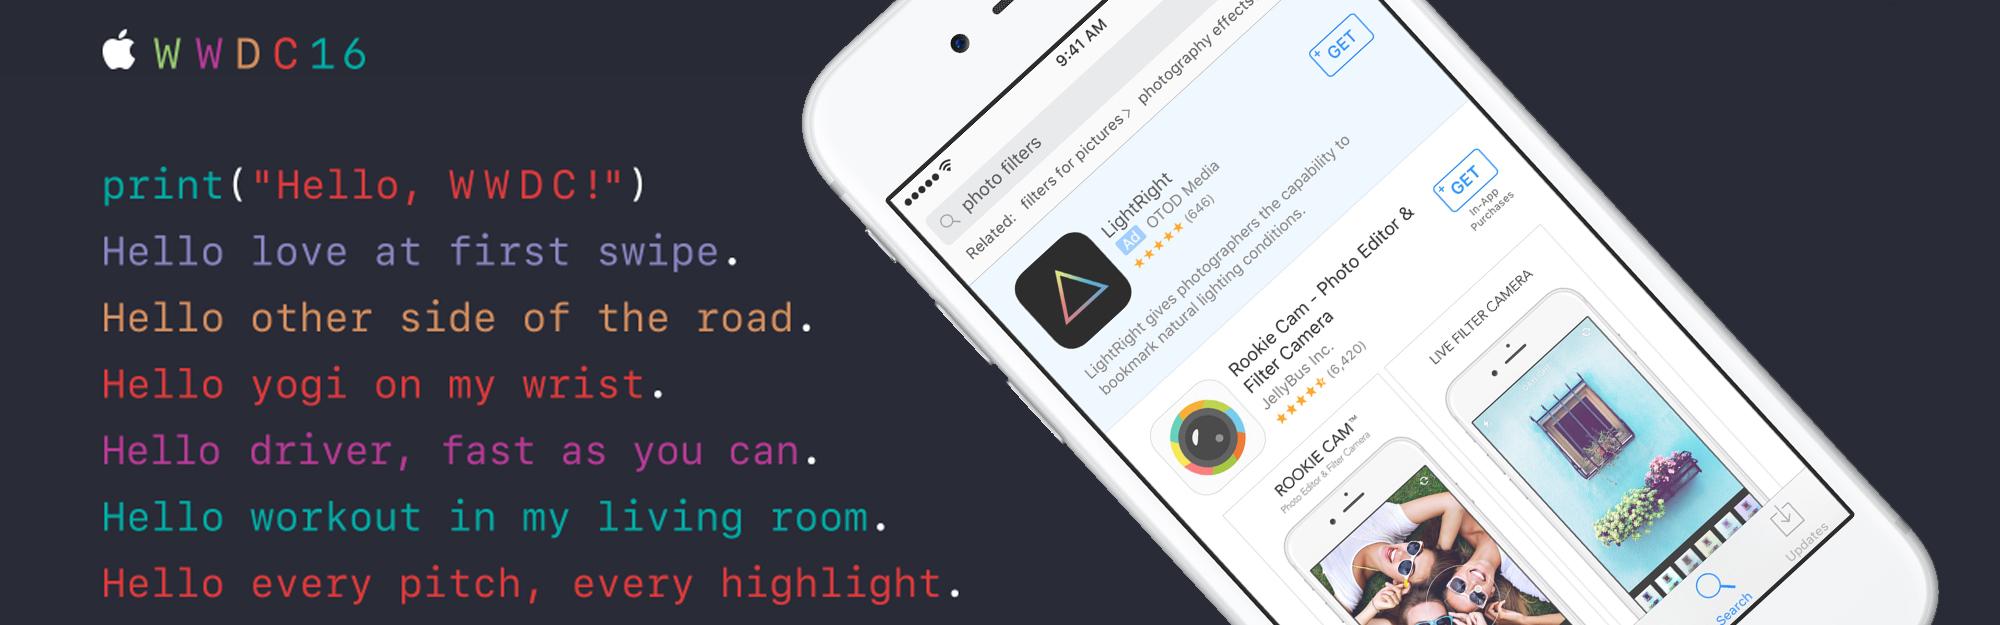 WWDC 2016: App Store e le novità su Review, Subscription Model e Search Ads